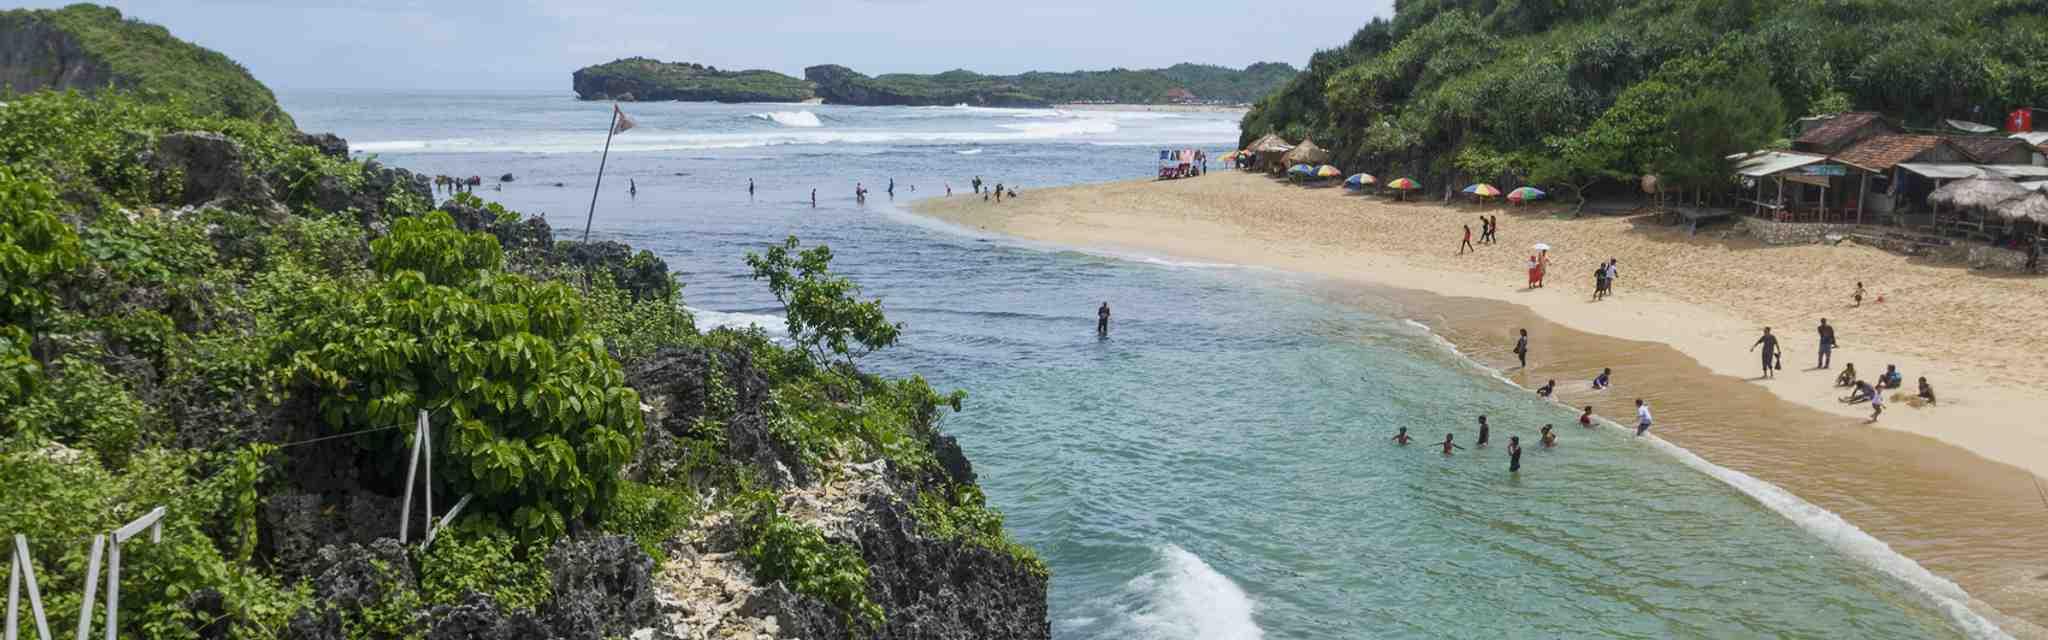 5 Pantai Di Kulon Progo Ini Belum Banyak Diketahui Wisatawan